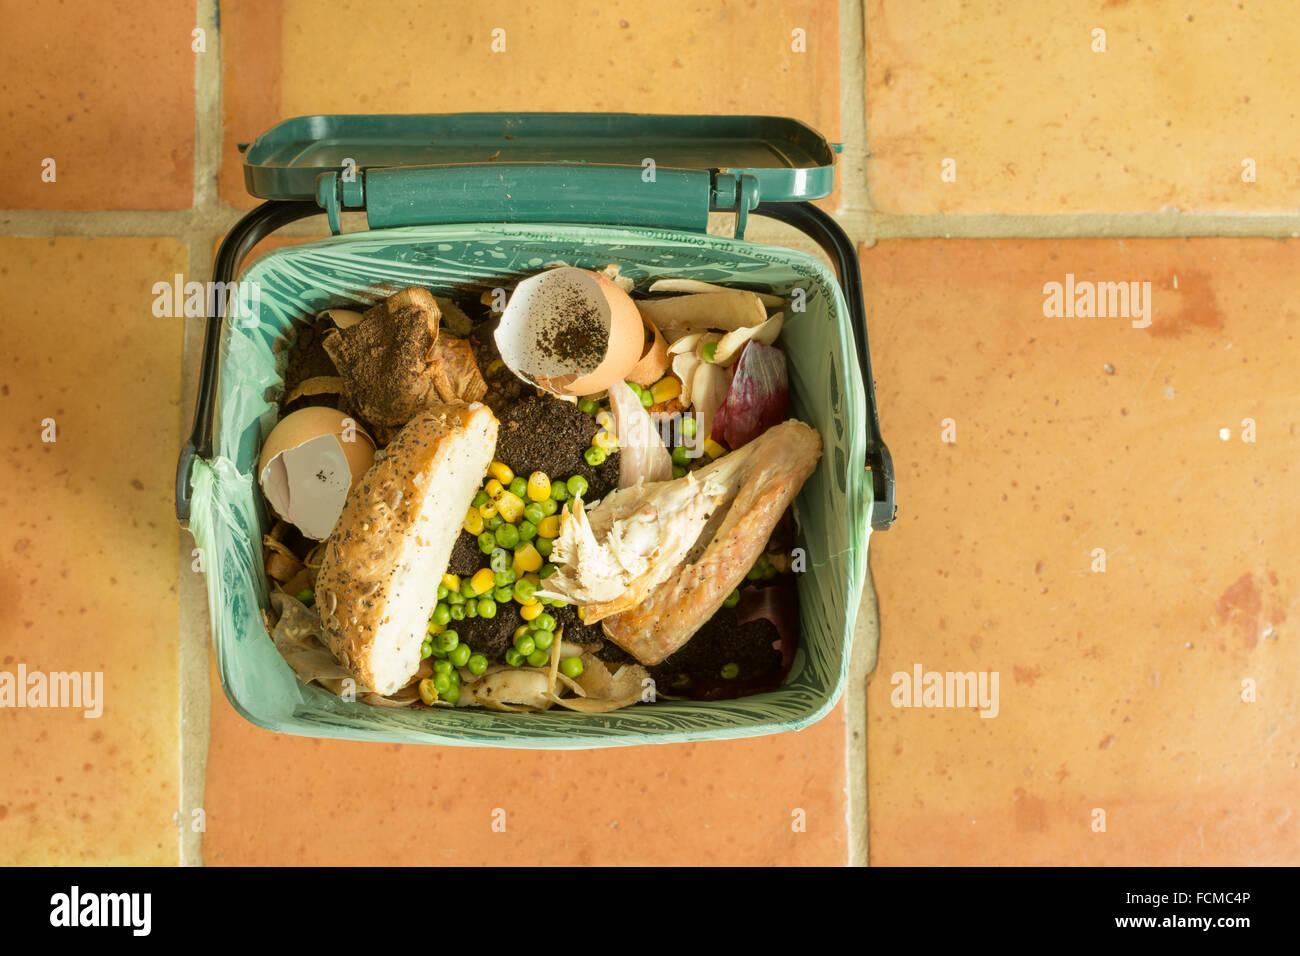 Speisereste - Indoor Lebensmittel recycling Caddy voller Küchenabfälle einschließlich Fleisch und Stockbild